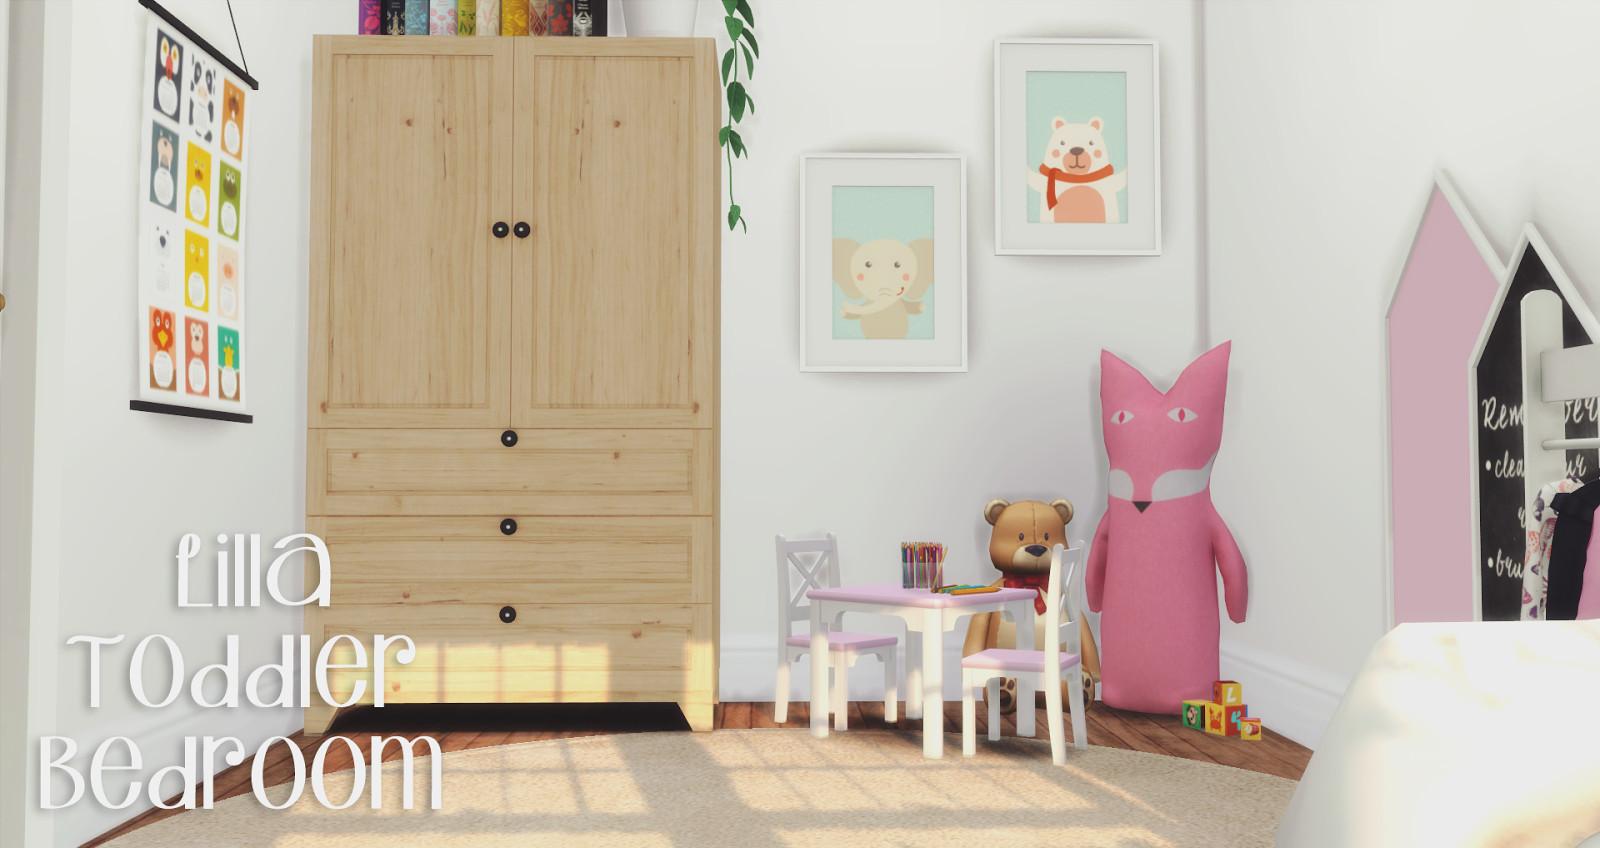 Toddler Bedroom Furniture Set Unique Lilla toddler Bedroom New Set